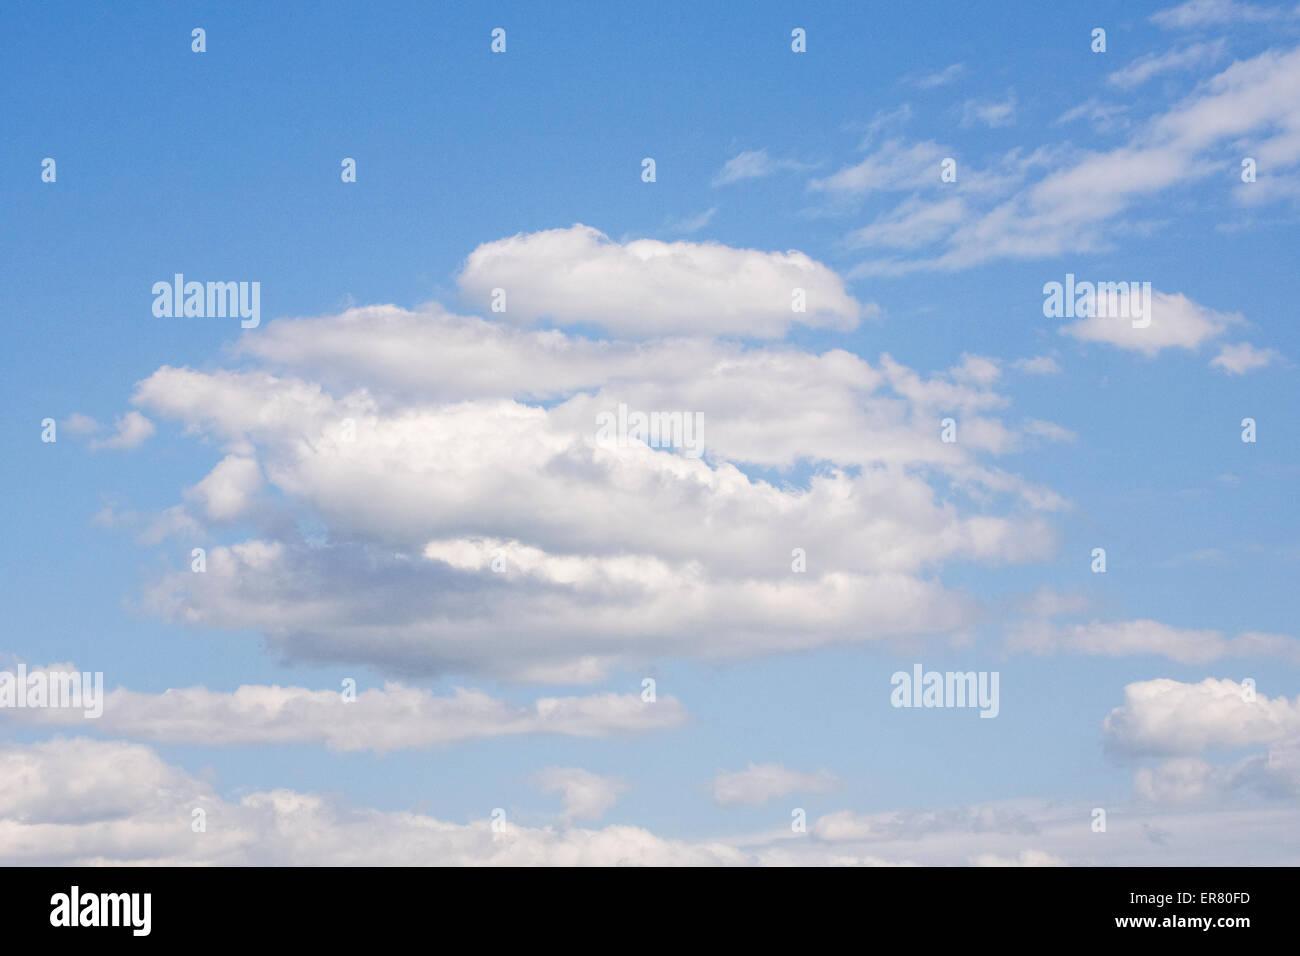 Cumulus-Wolken vor blauem Himmel. Stockfoto